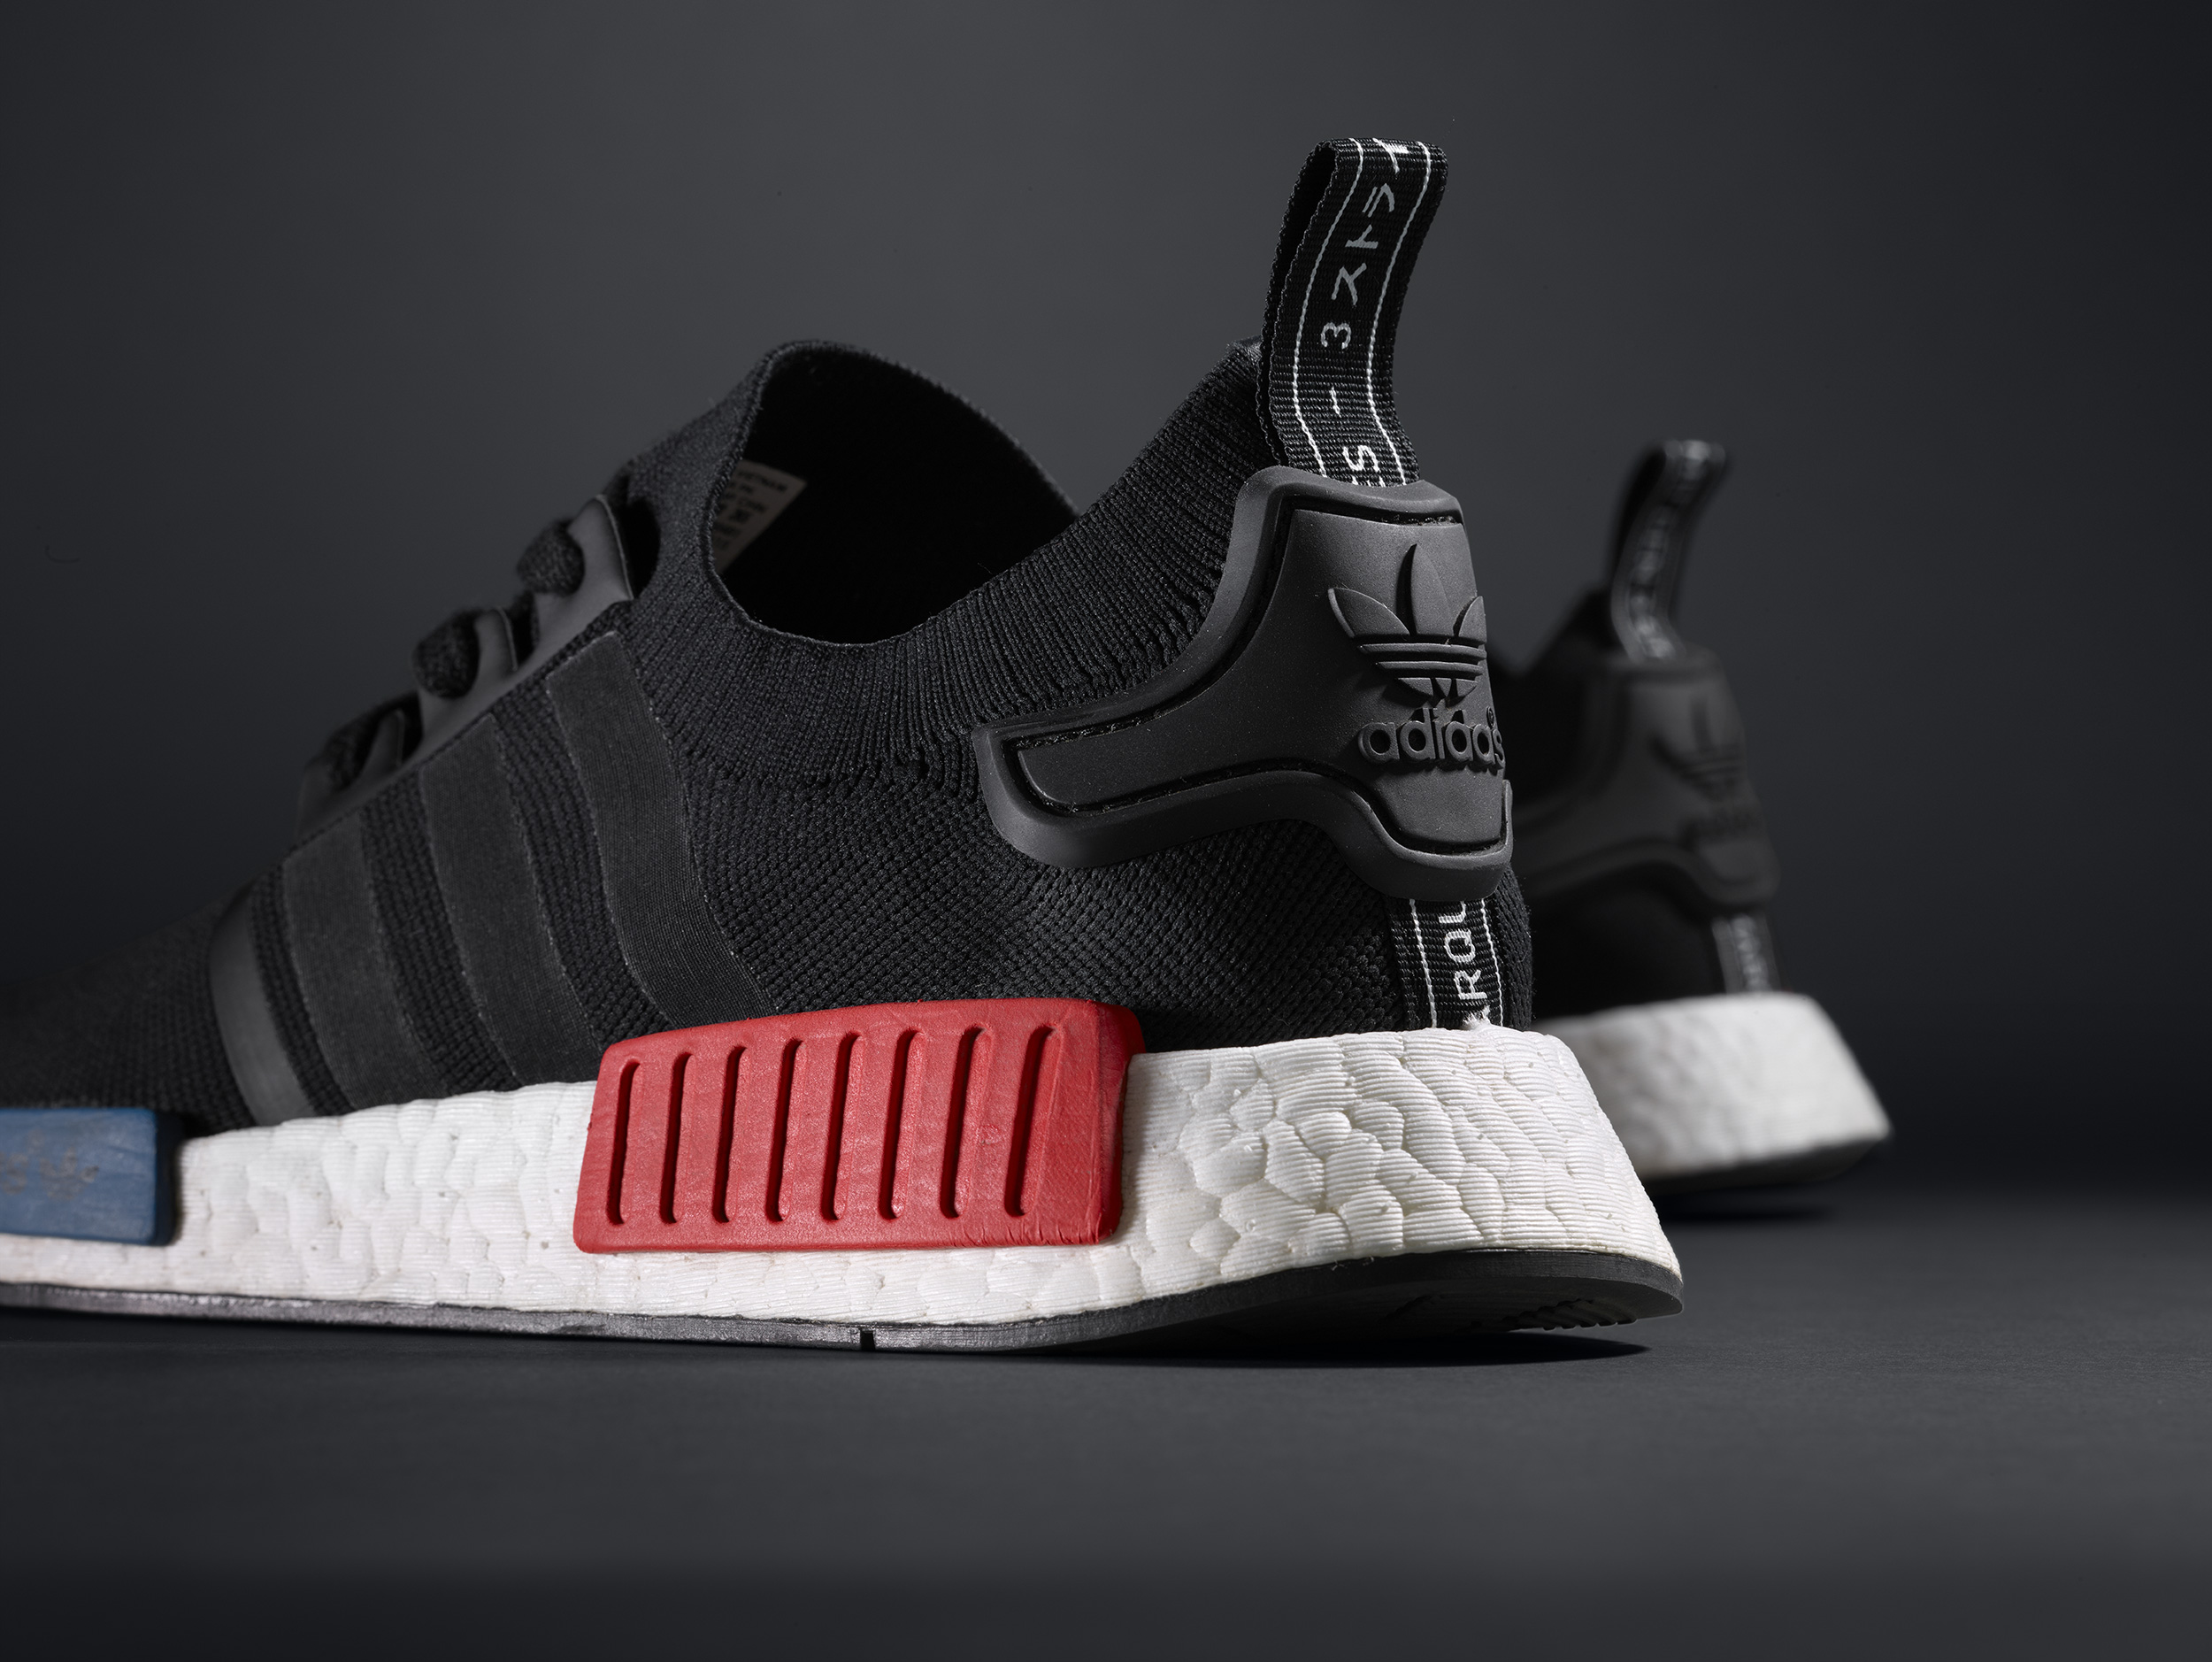 zapatillas adidas nuevos modelos